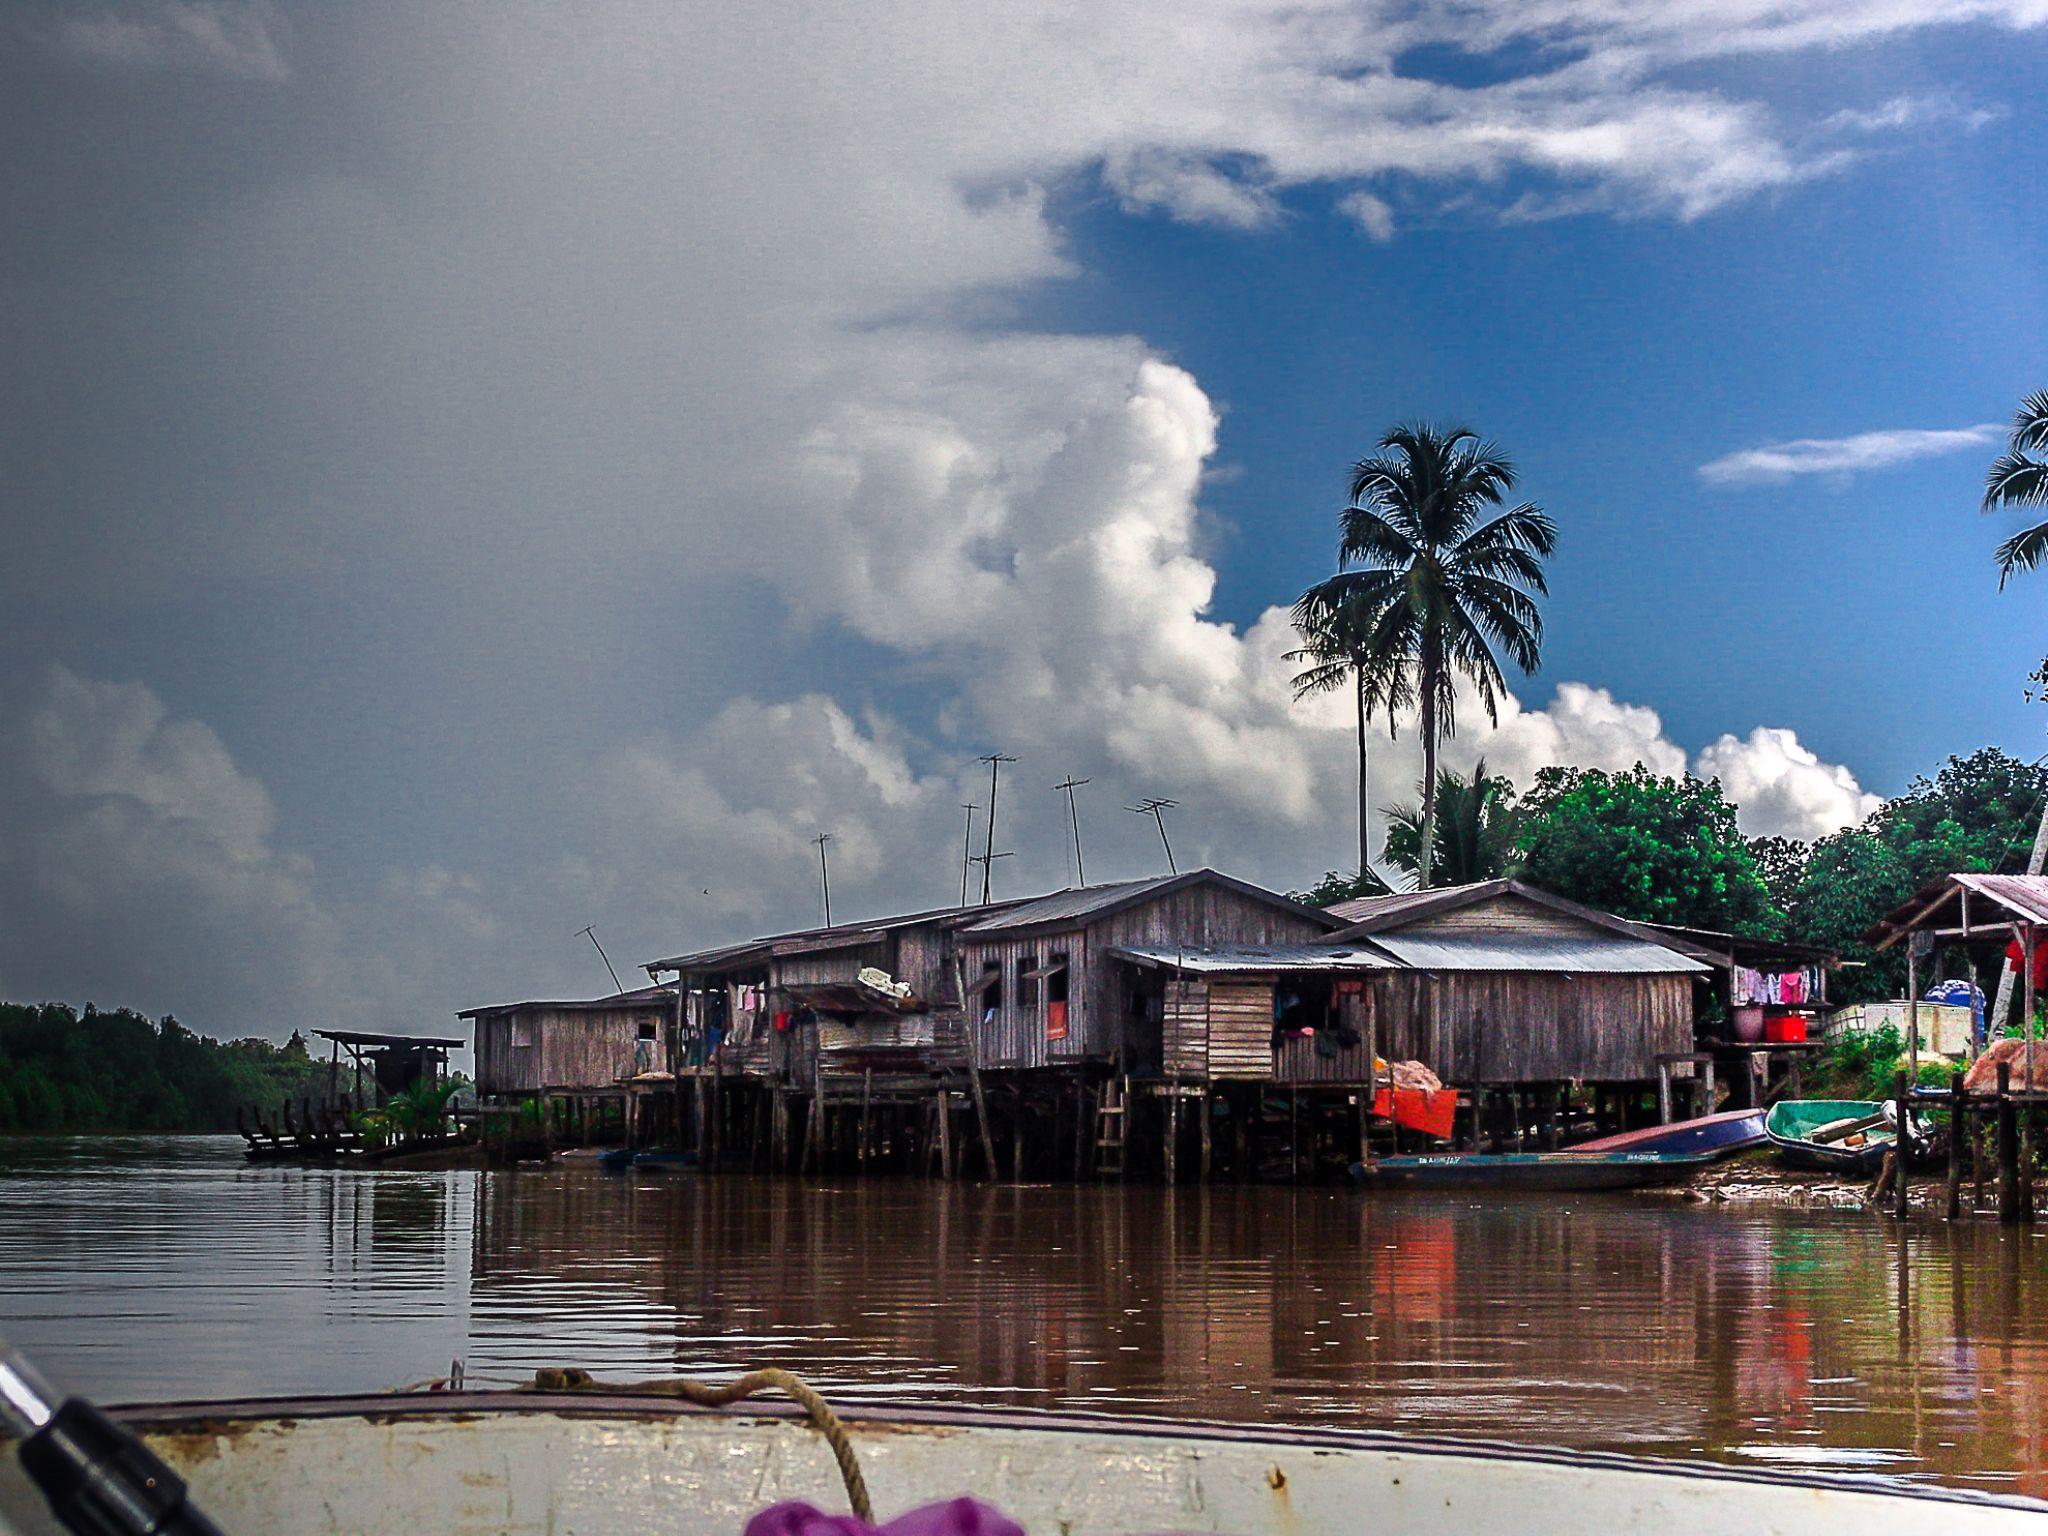 Fishing village by albert.lee.98892